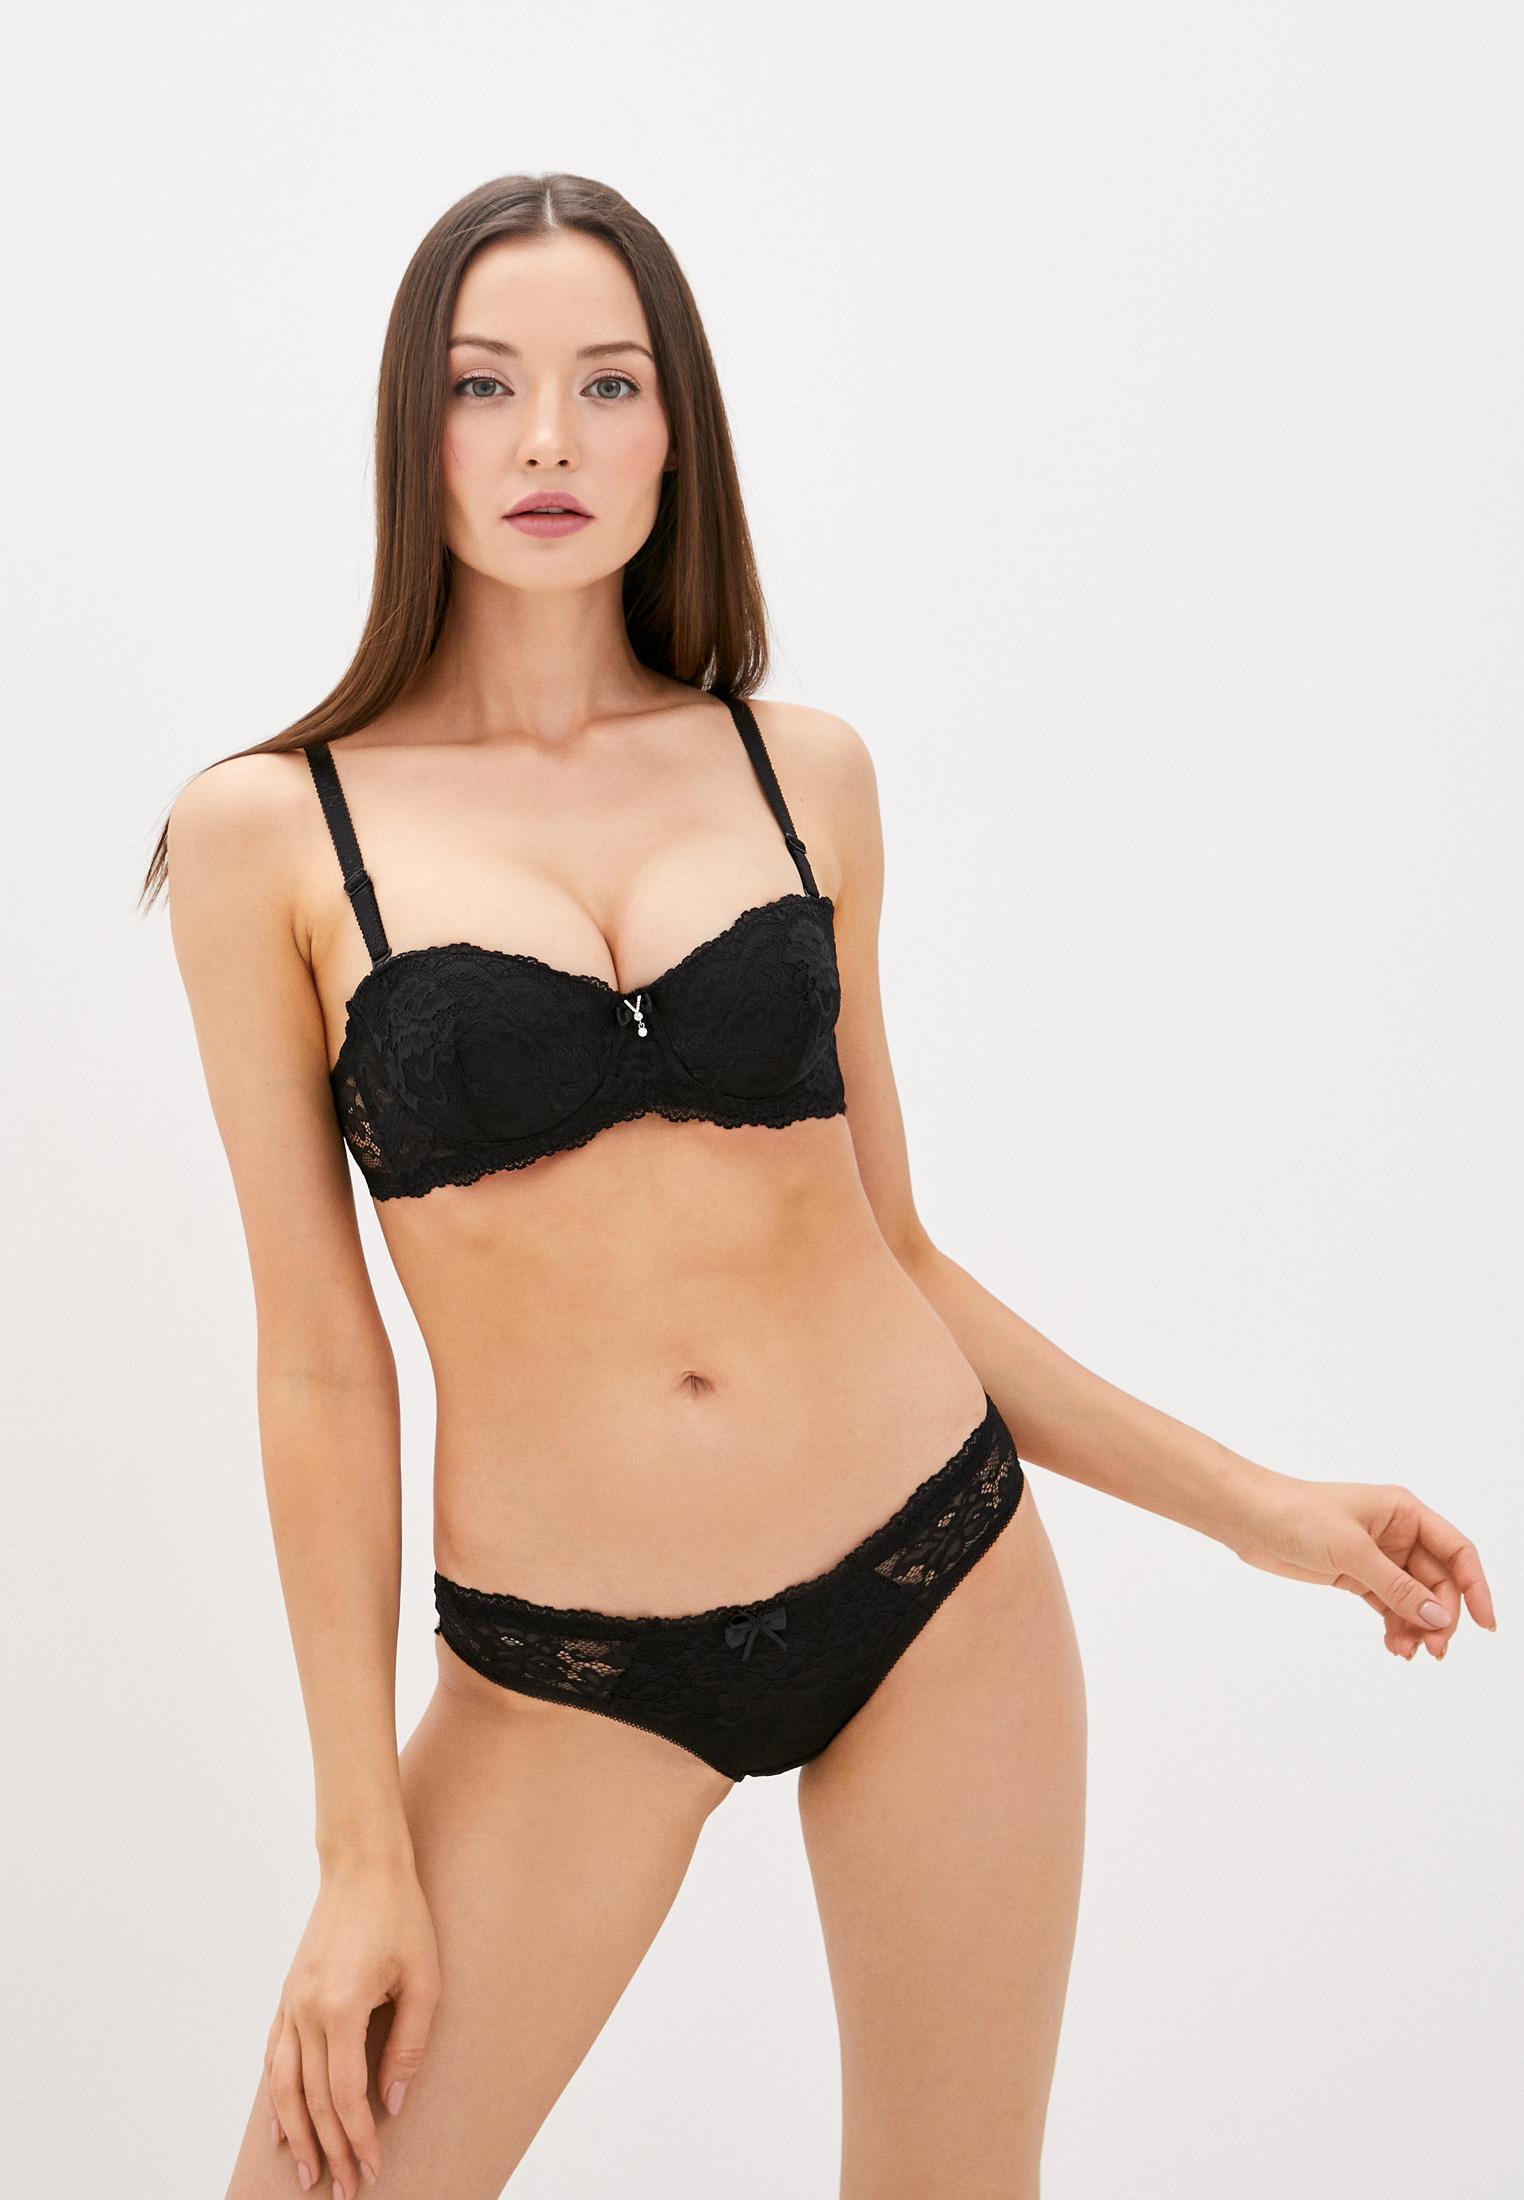 Мода-2020: стринги для женщин и фото эффектных комплектов со стрингами